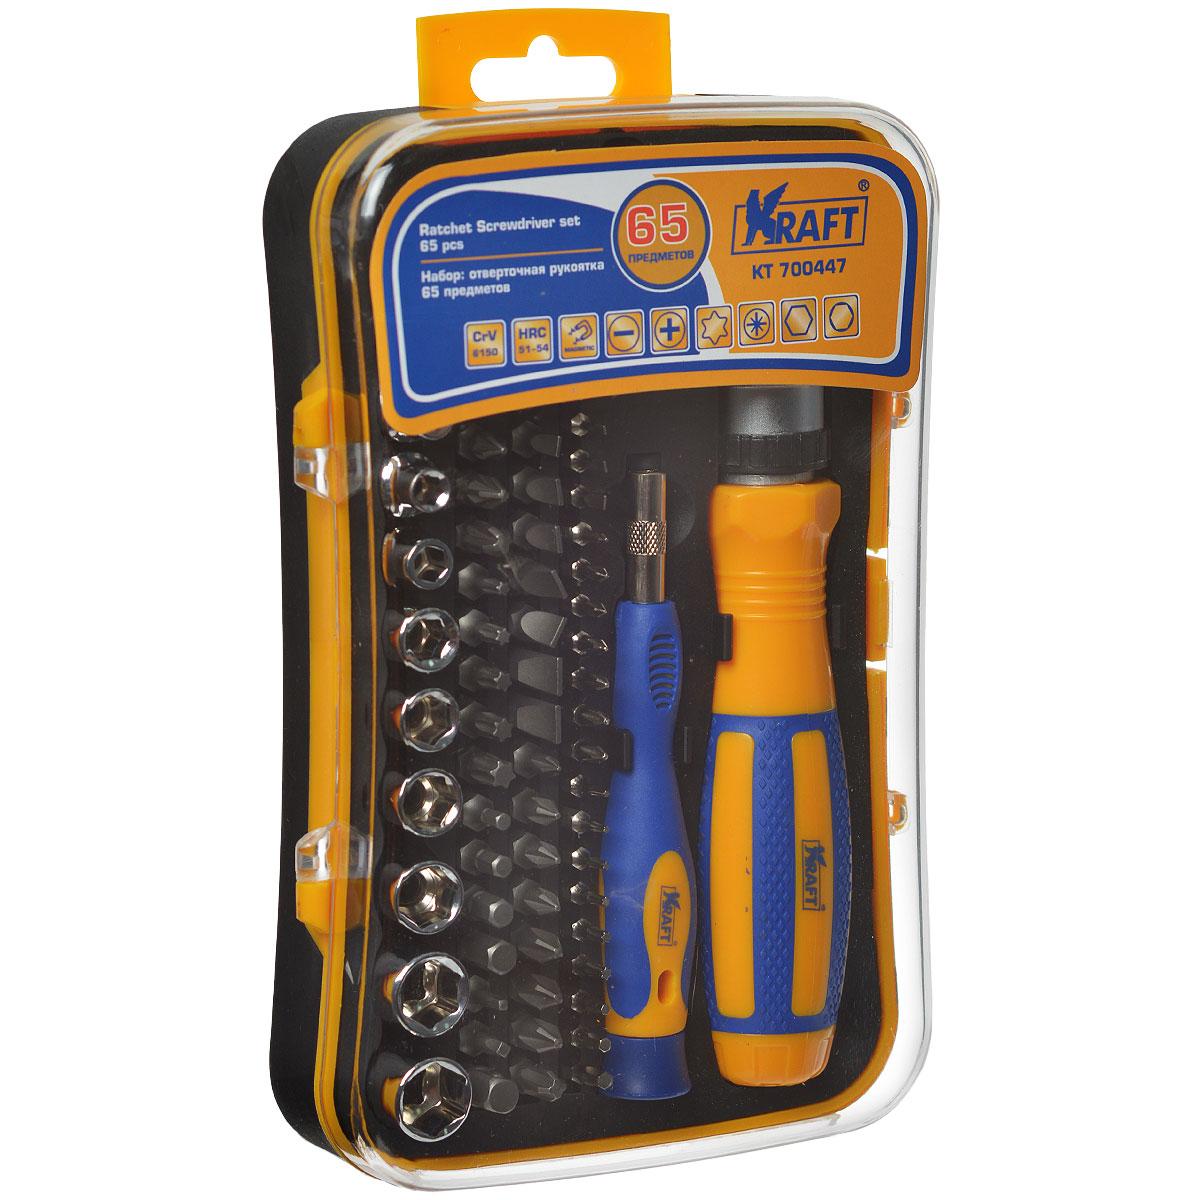 Набор инструментов Kraft Professional, 65 предметовКТ700447Набор инструментов Kraft Professional предназначен для обслуживания резьбовых соединений в широком диапазоне размеров. Все инструменты в наборе выполнены из высококачественной хромованадиевой стали. Твердость по Роквеллу составляет 51-54 HRc.В комплекте пластиковый футляр для хранения.Состав набора:Рукоятка реверсивная.Биты шлицевые: 3 мм, 4 мм, 2 х 5 мм, 2 х 6 мм, 2 х 7 мм.Биты Philips: PH0, 3 x PH1, 3 x PH2, PH3.Биты Pozidriv: PZ0, PZ1, PZ2, PZ3.Биты Torx: T10, T15, T20, T25, T30.Биты Hex: H3, H4, H5, H6.Биты четырехгранные: S0, S1.Переходник: 25 мм.Биты для точных работ шлицевые: 1 мм, 1,5 мм, 2 мм, 2,5 мм.Биты для точных работ Philips: PH000, 2 x PH00, 2 x PH0, 2 x PH1.Биты для точных работ Torx: T4, T5, T6, T7, T8, T9.Биты для точных работ Hex: H2, H2,5, H3.Торцевые головки 1/4: 4 мм, 5 мм, 6 мм, 7 мм, 8 мм, 9 мм, 10 мм, 11 мм, 12 мм.Держатель намагниченный для точных работ.Драйвер для бит.